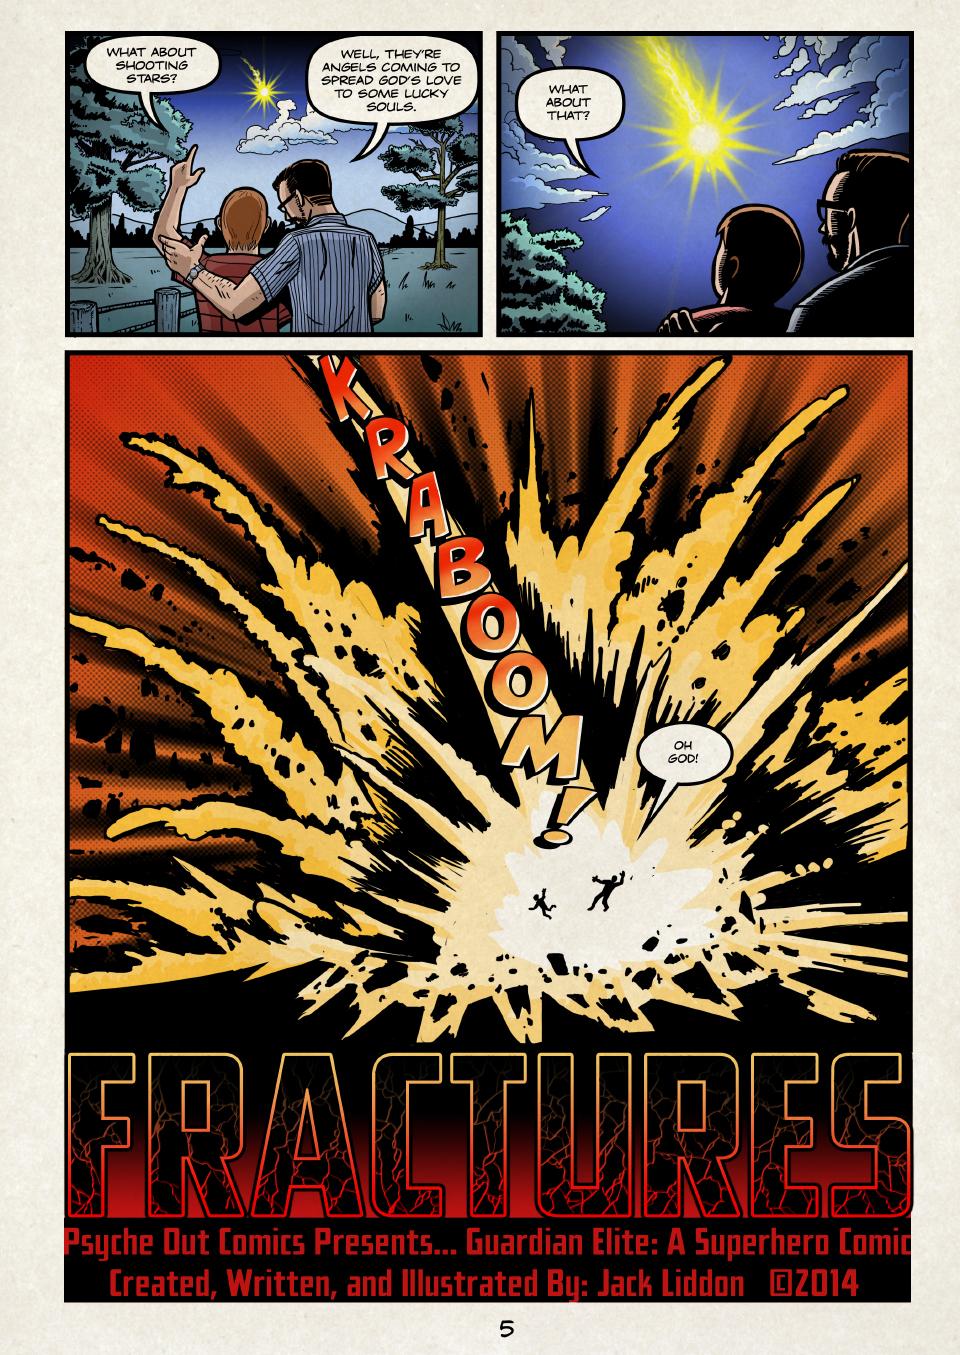 Fractures!